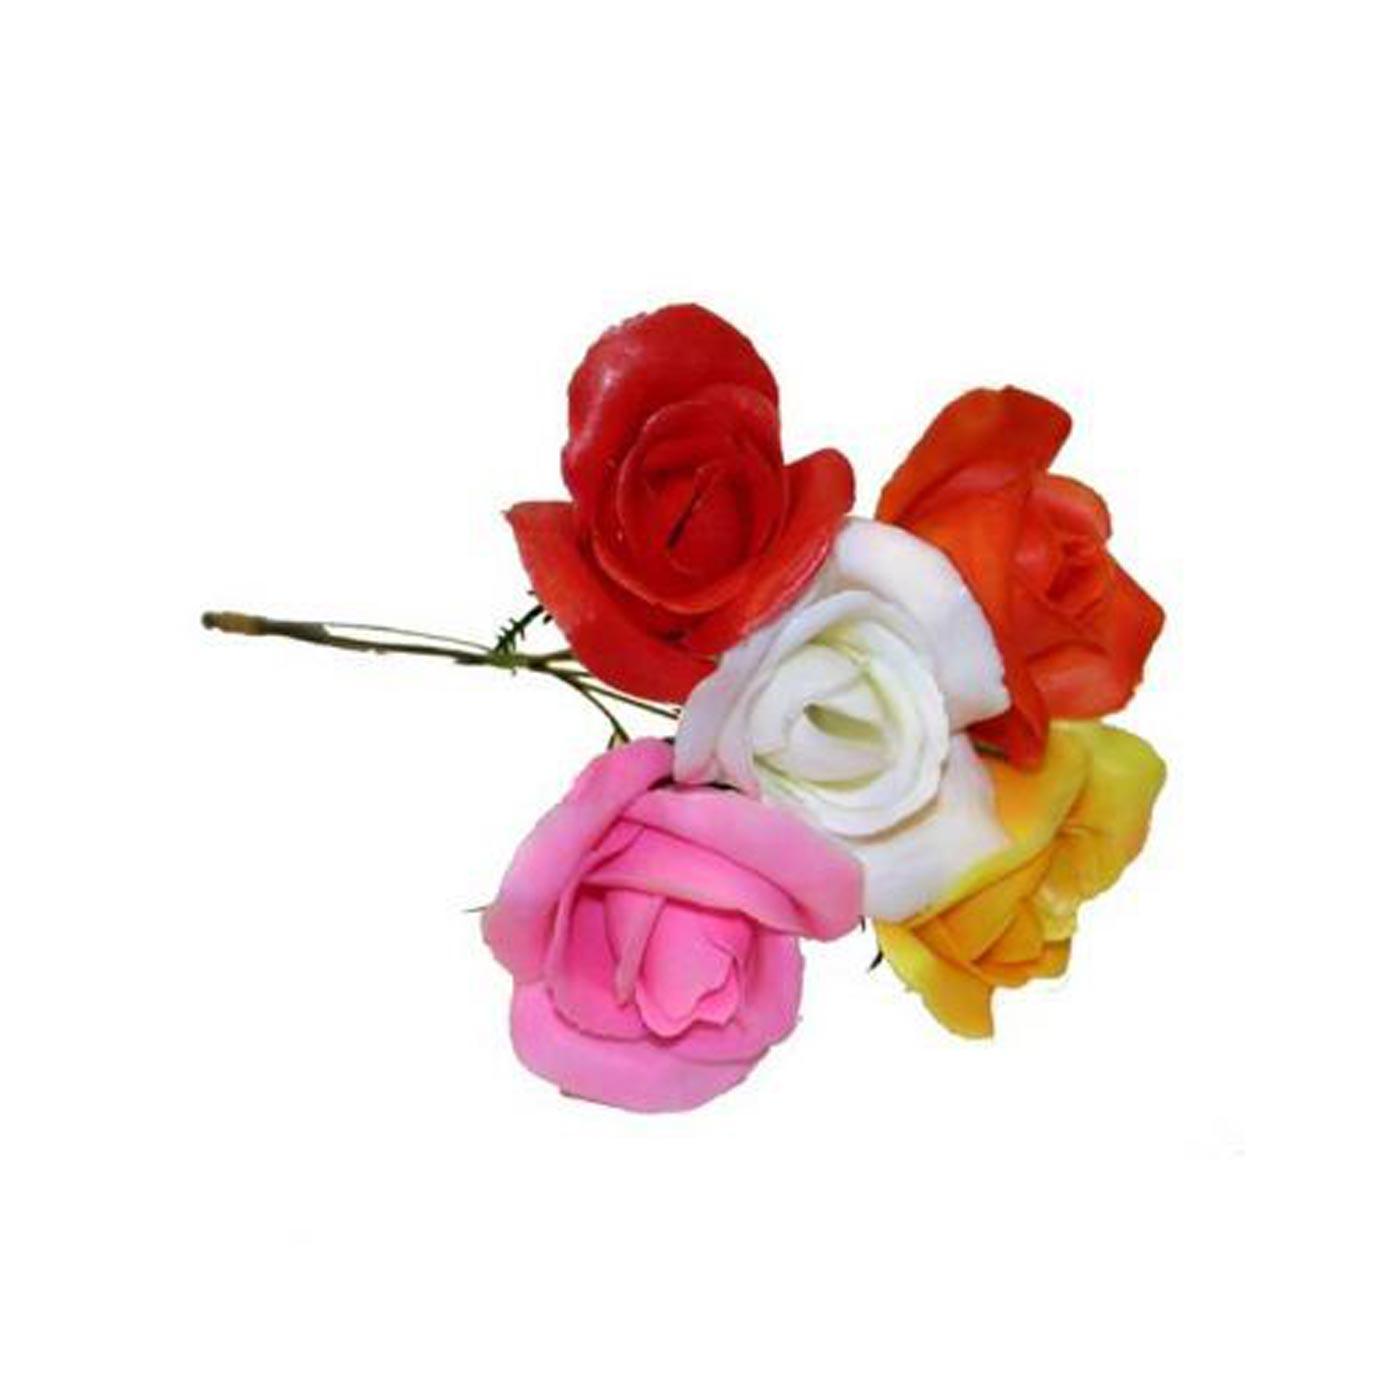 Plastic Asst Roses